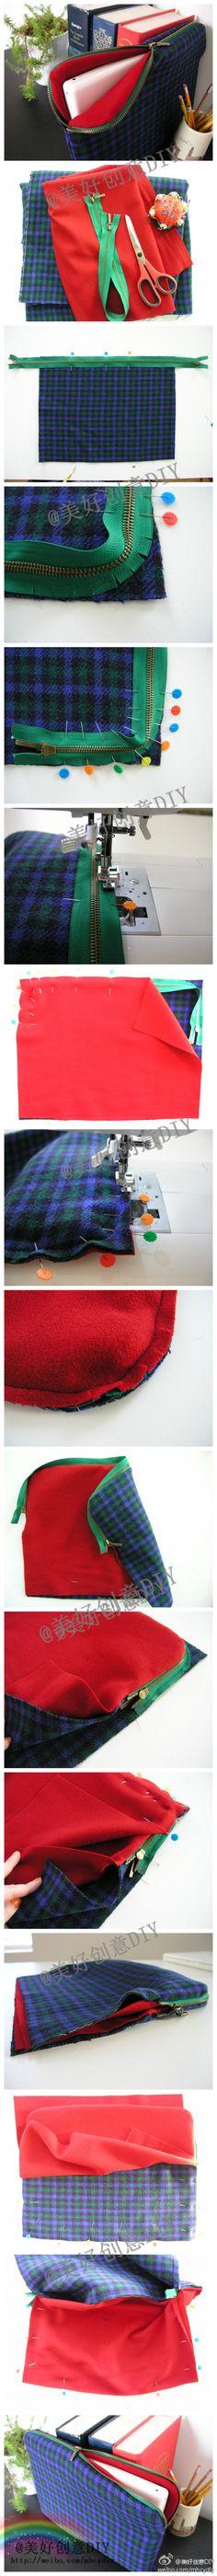 How to do install a zipper around a corner.